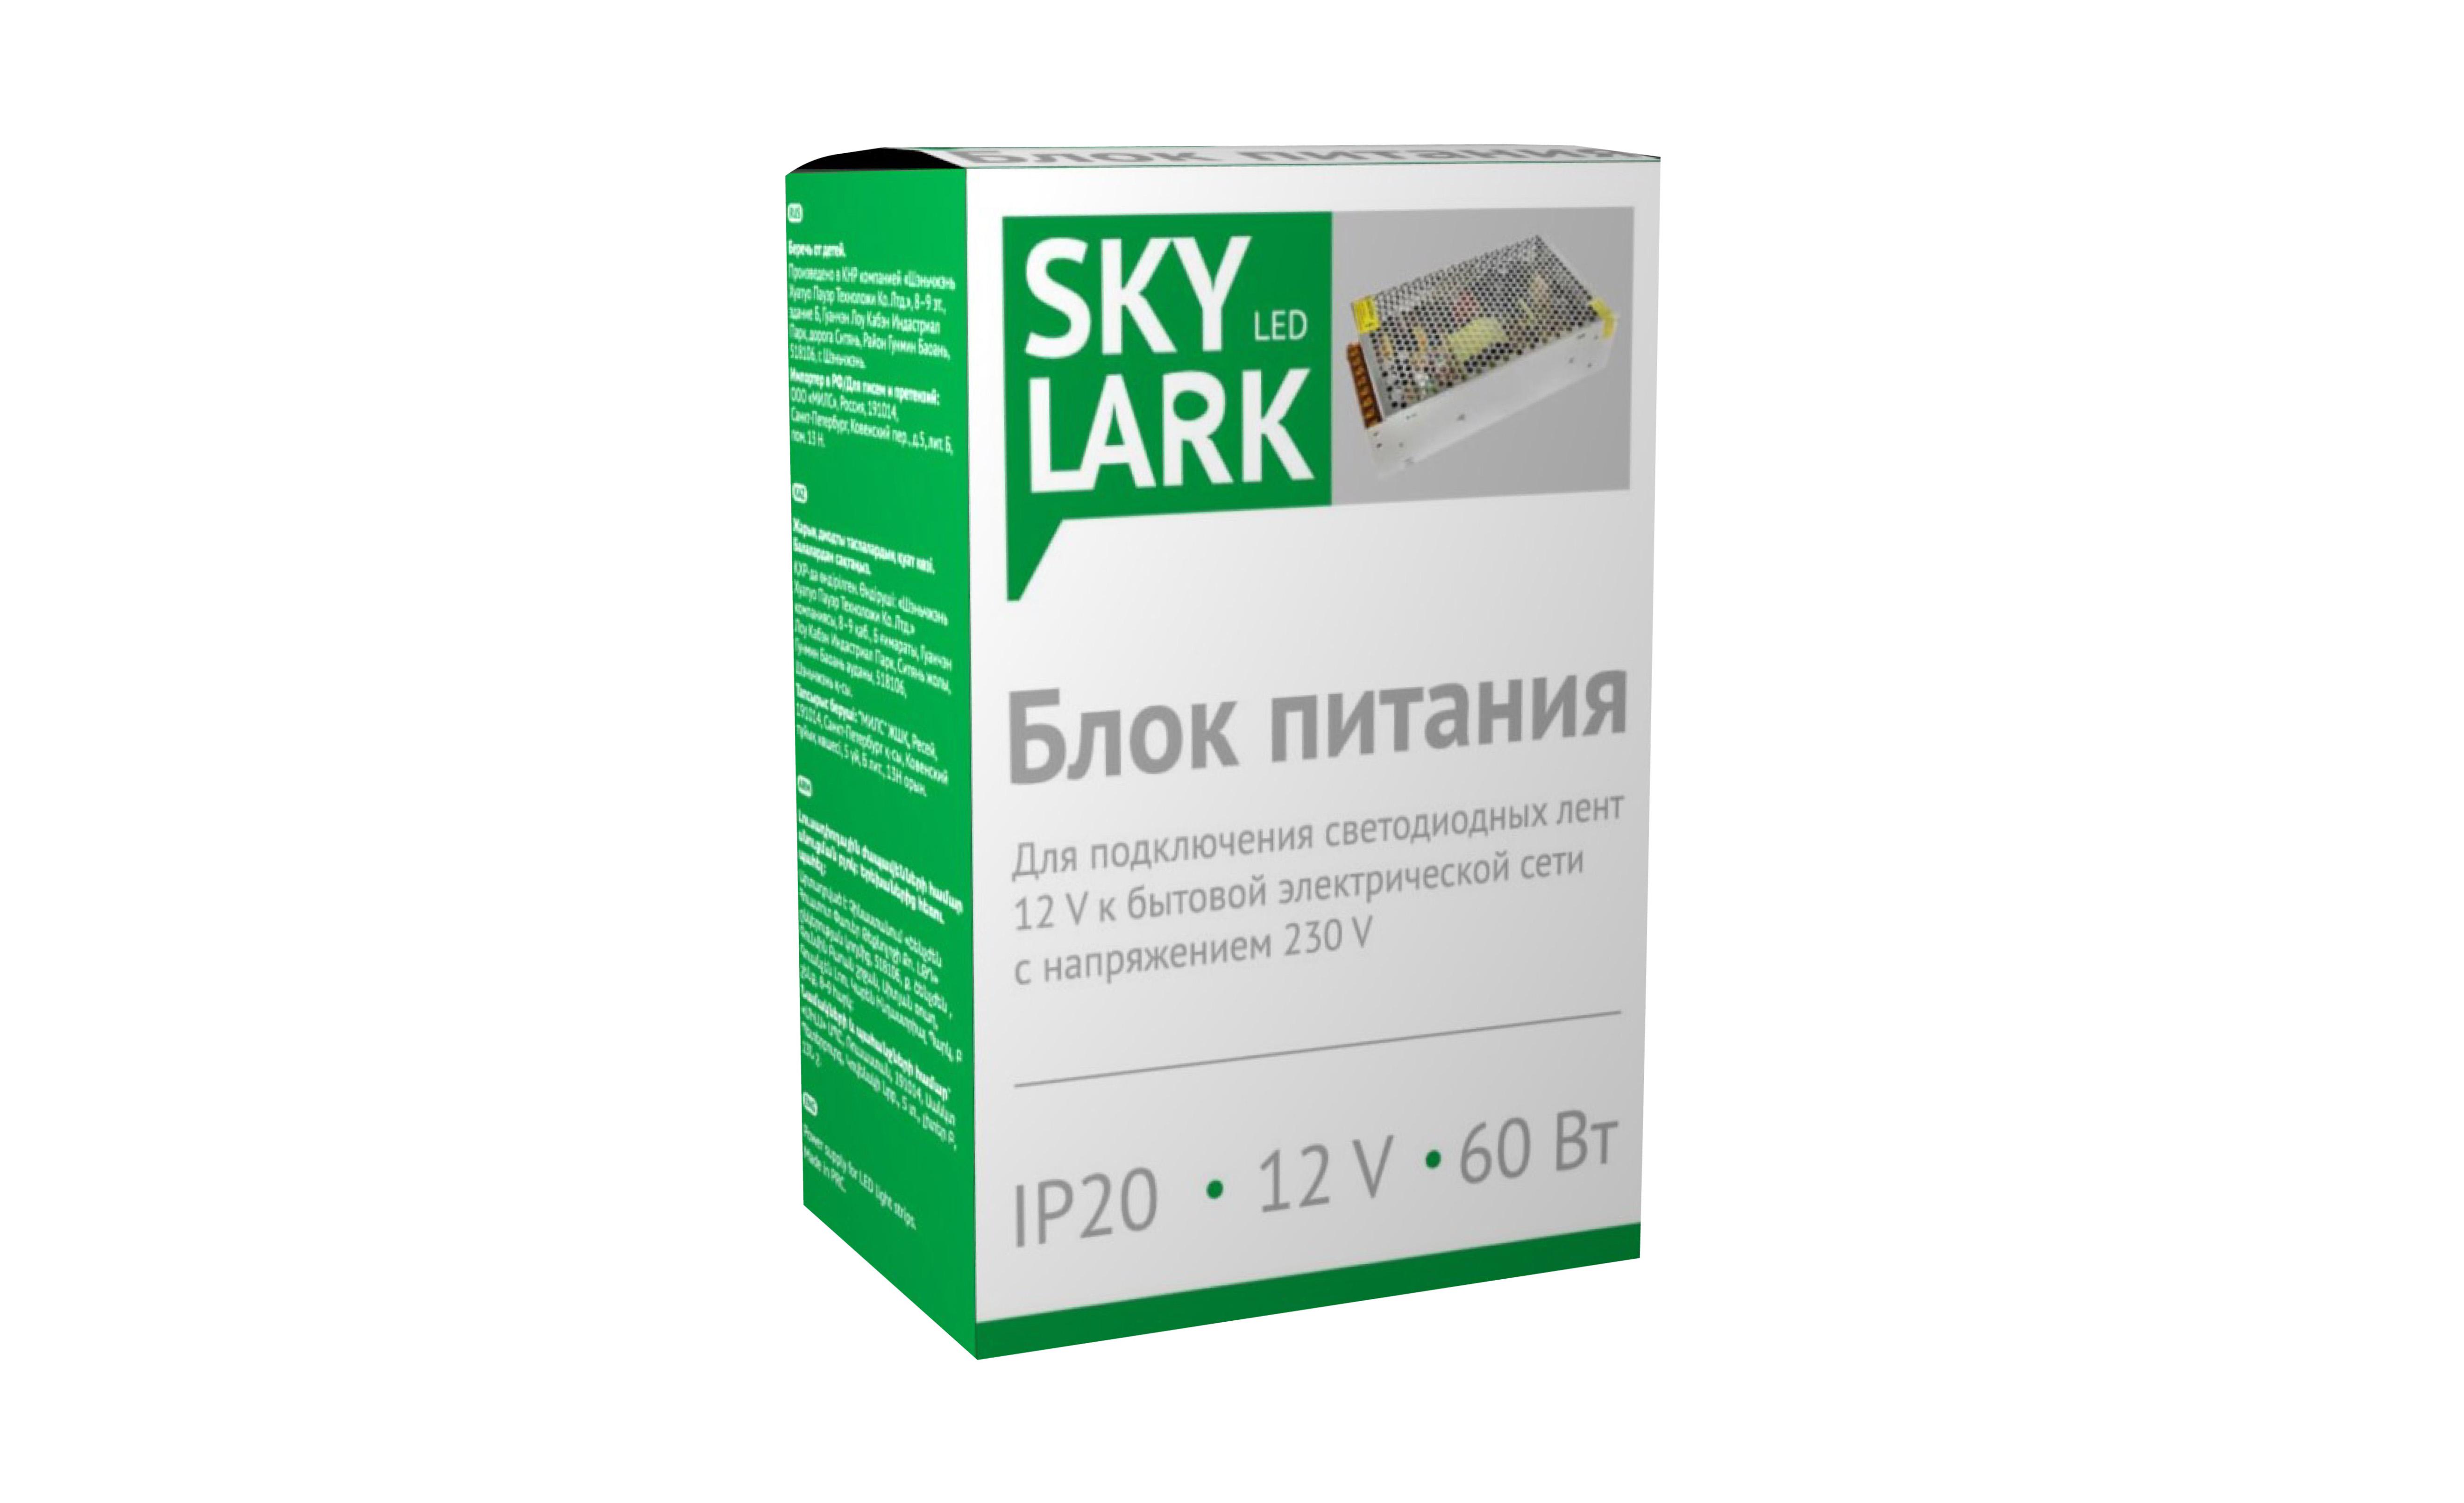 Блок питания Skylark S025 блок питания для примочек 96dc 200bi